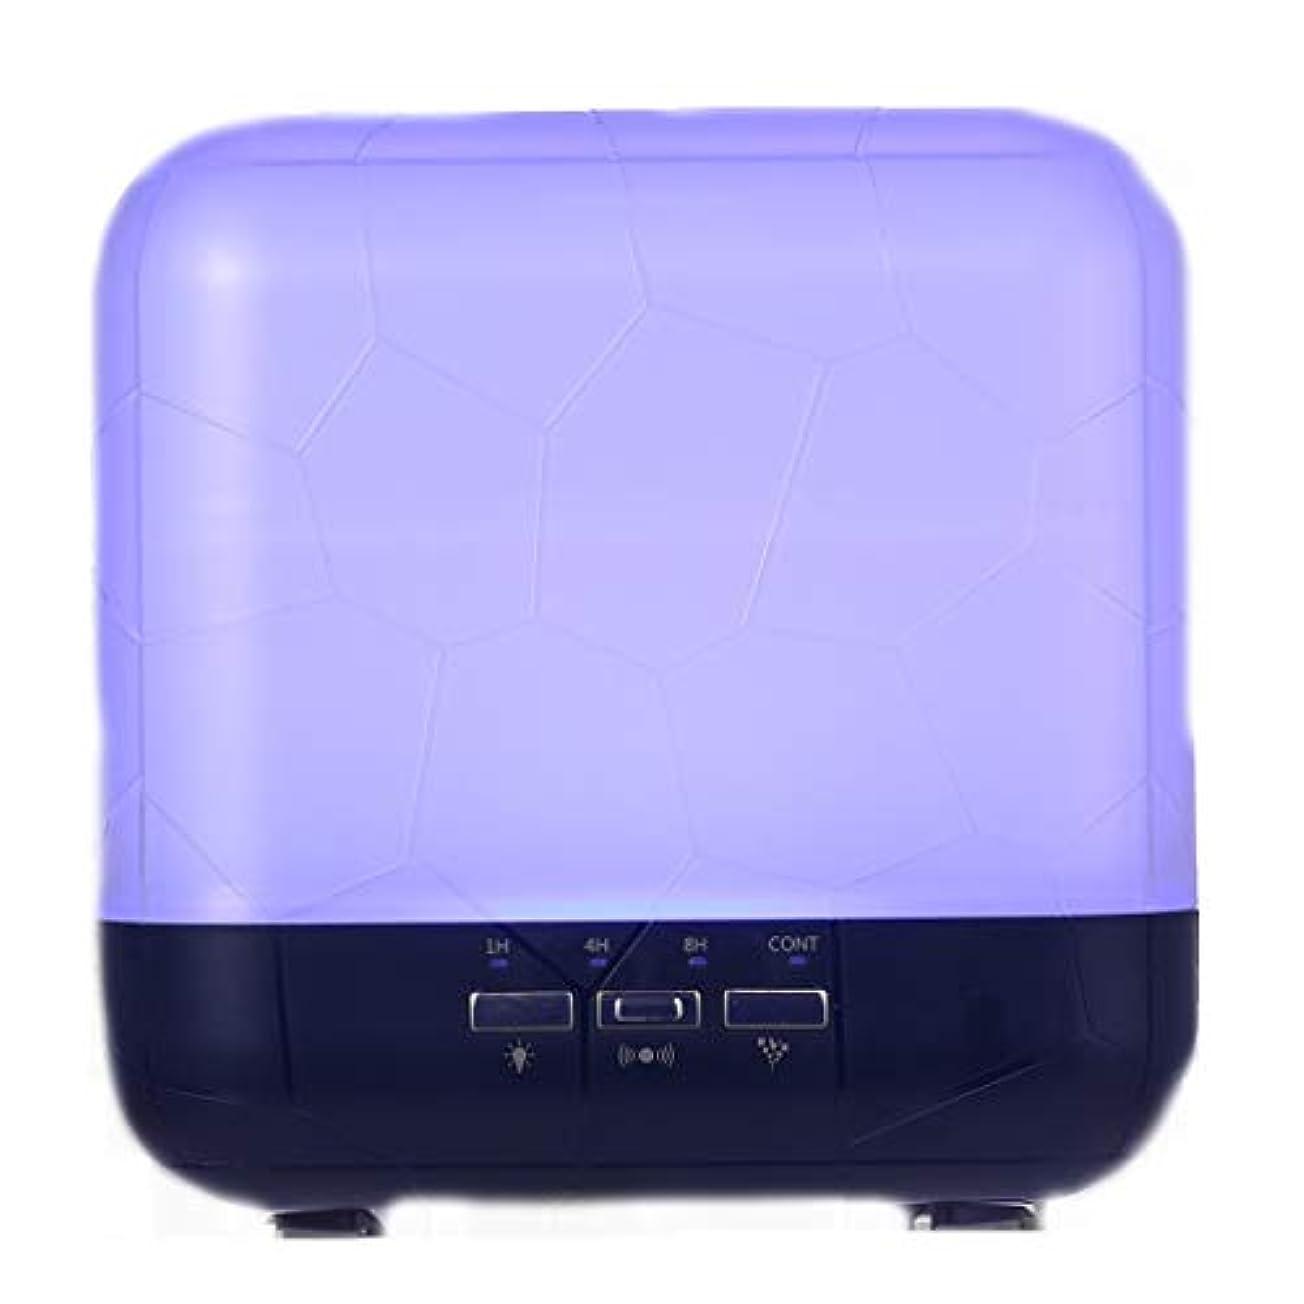 抑制図最大限拡散器、調節可能なミストモード、寝室/オフィス/旅行のためのアロマセラピー機械を離れた自動のHomeweeks 1000ml多彩な精油の拡散器 (Color : Purple)